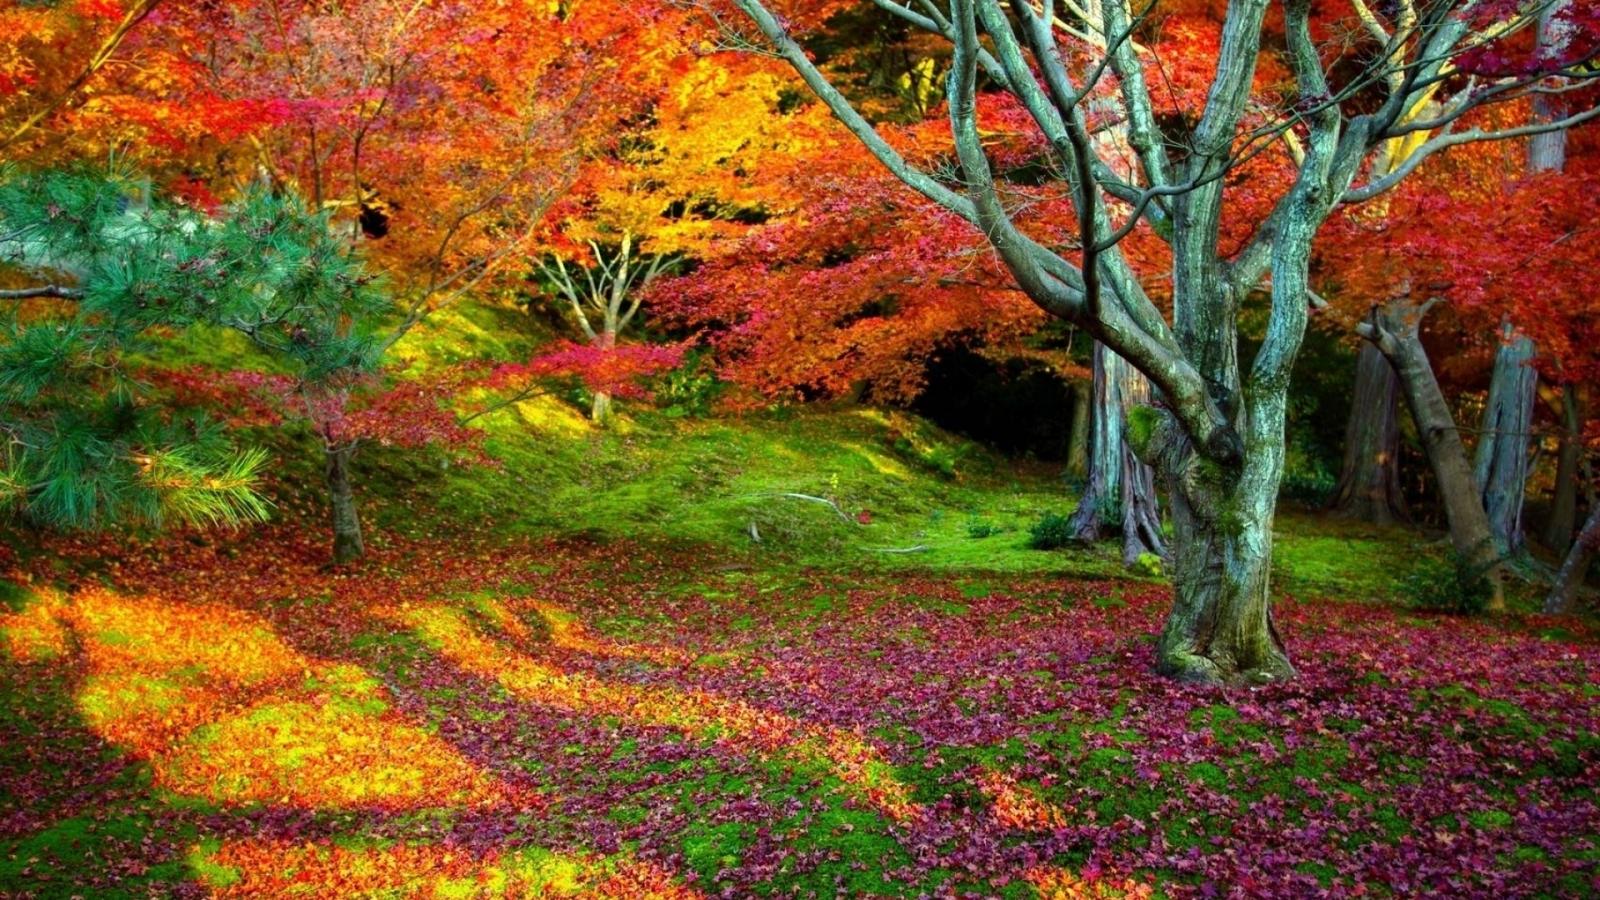 Arboles con hojas de colores - 1600x900